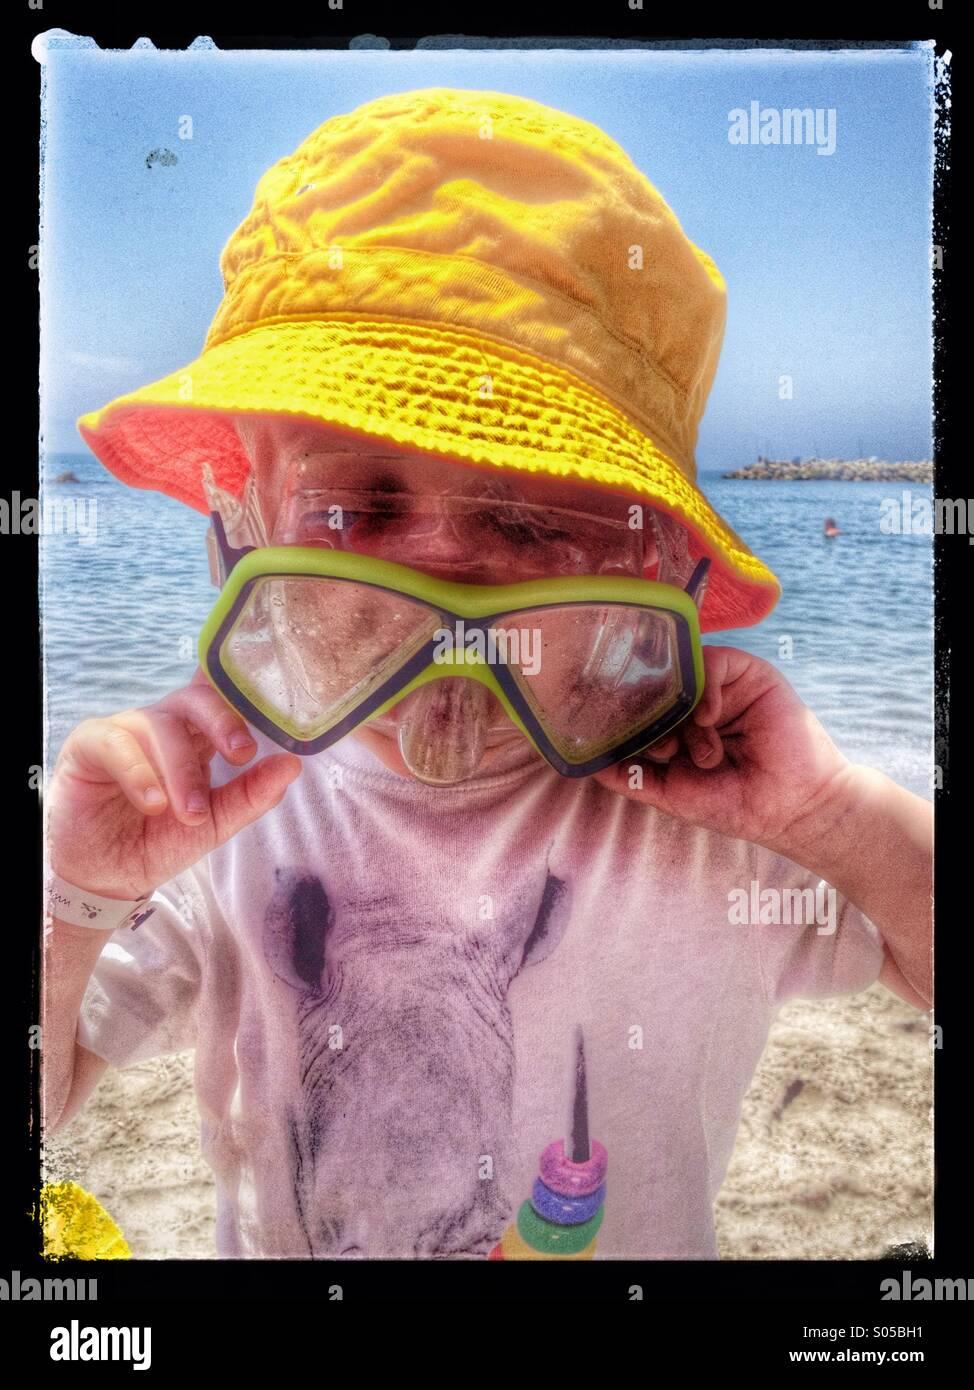 Tres años de edad tratando de gafas que son demasiado grandes para él Imagen De Stock